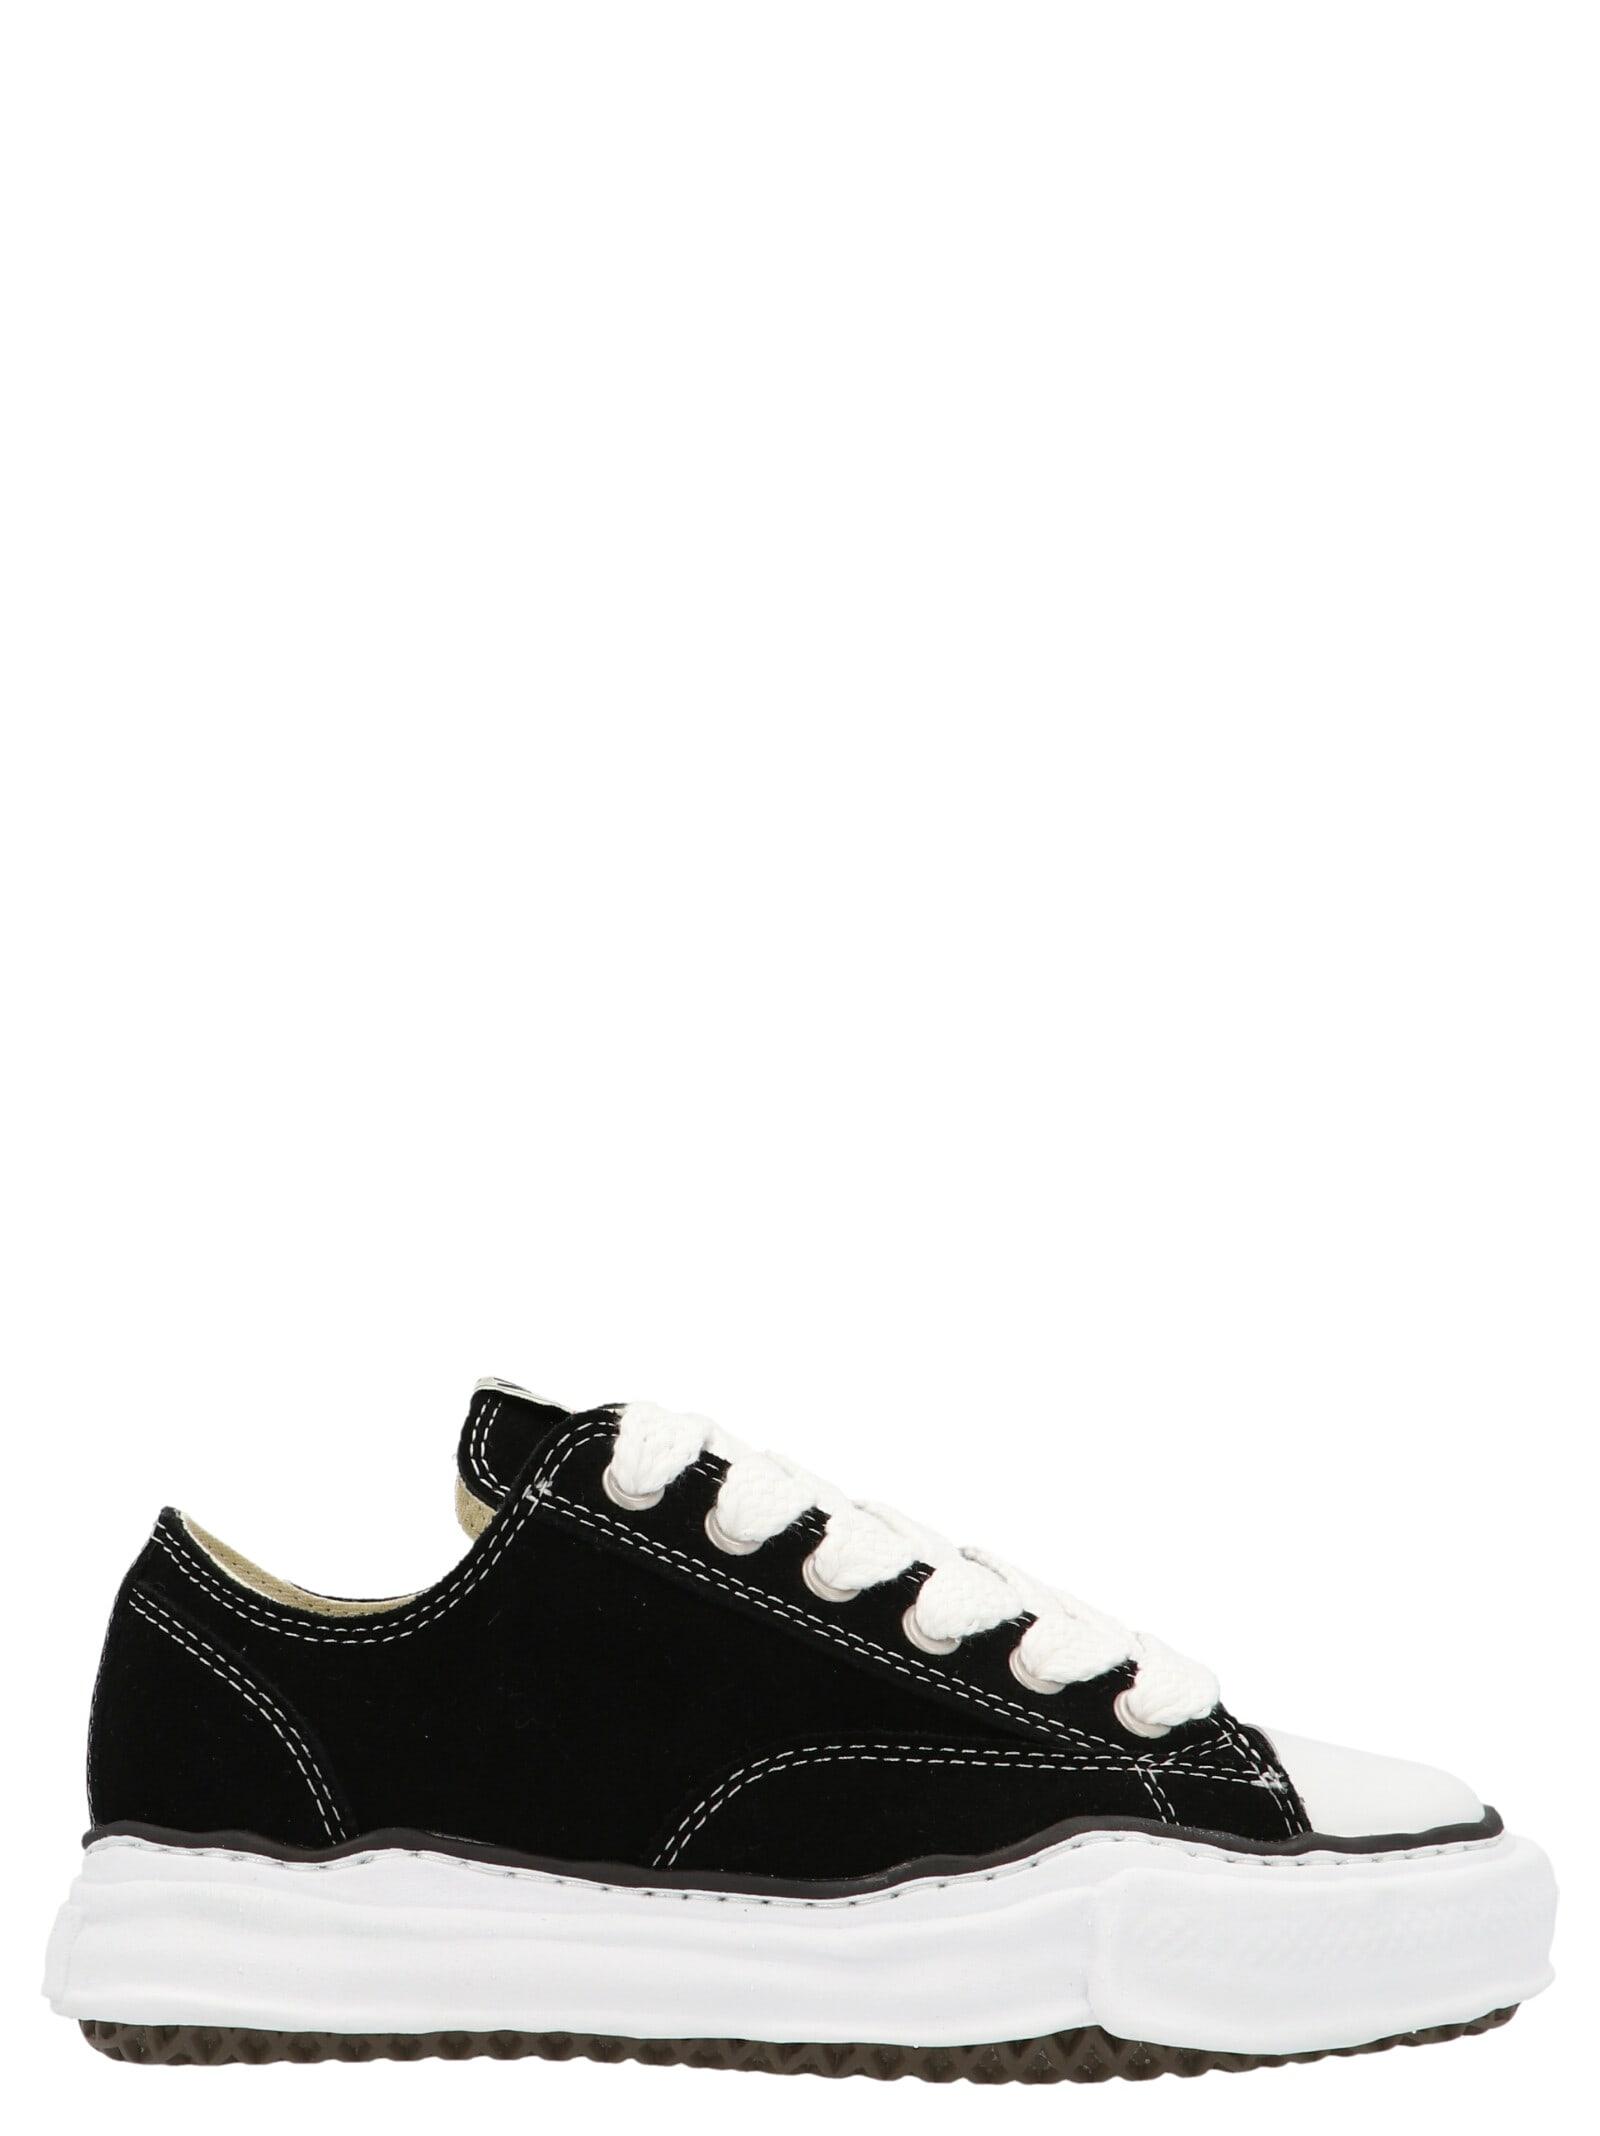 peterson Shoes